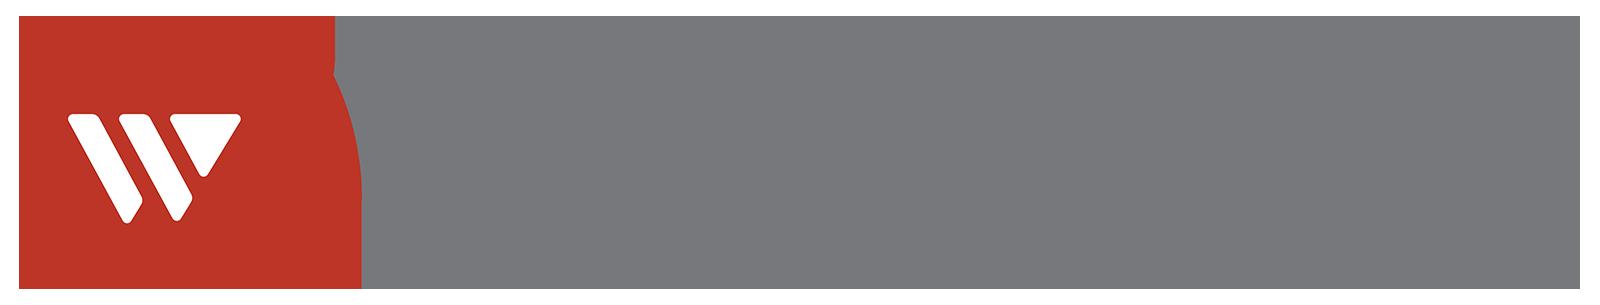 Widen logo